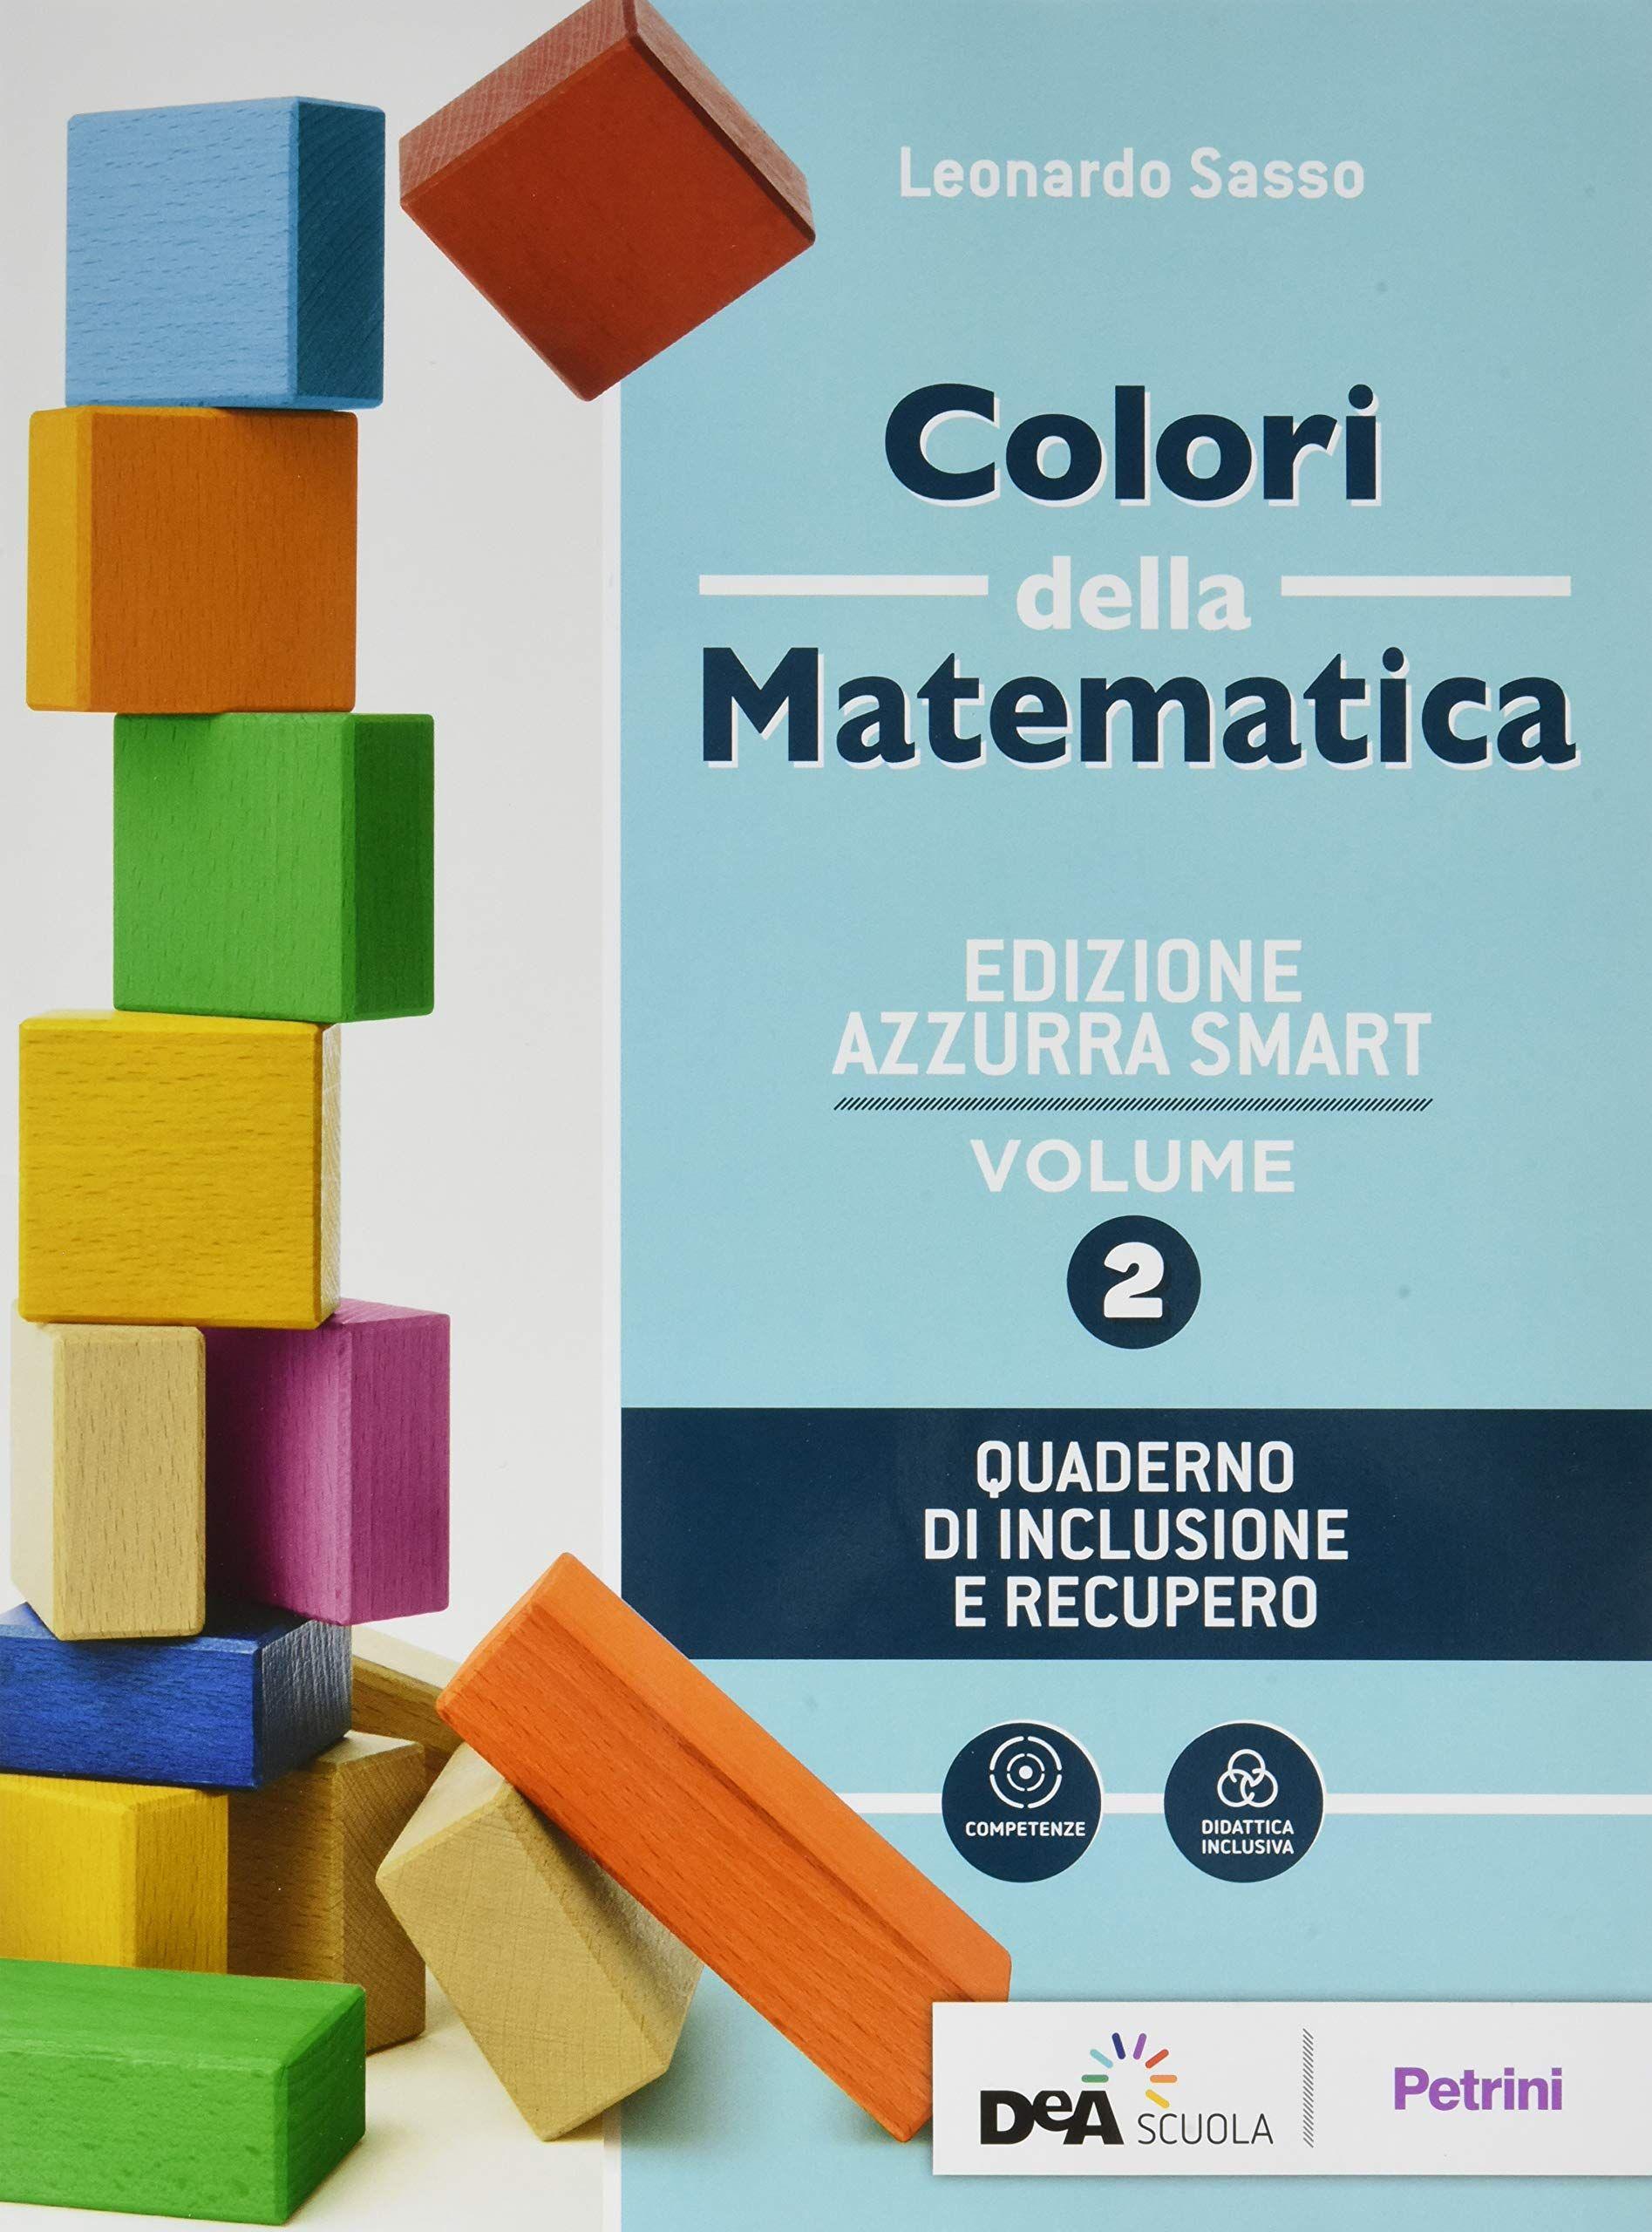 Colori Della Matematica Con Quaderno Di Inclusione E Recupero Ediz Azzurra Smart Per Il Biennio Dei Licei Con Ebook Con Espa Matematica Quaderno Recupero